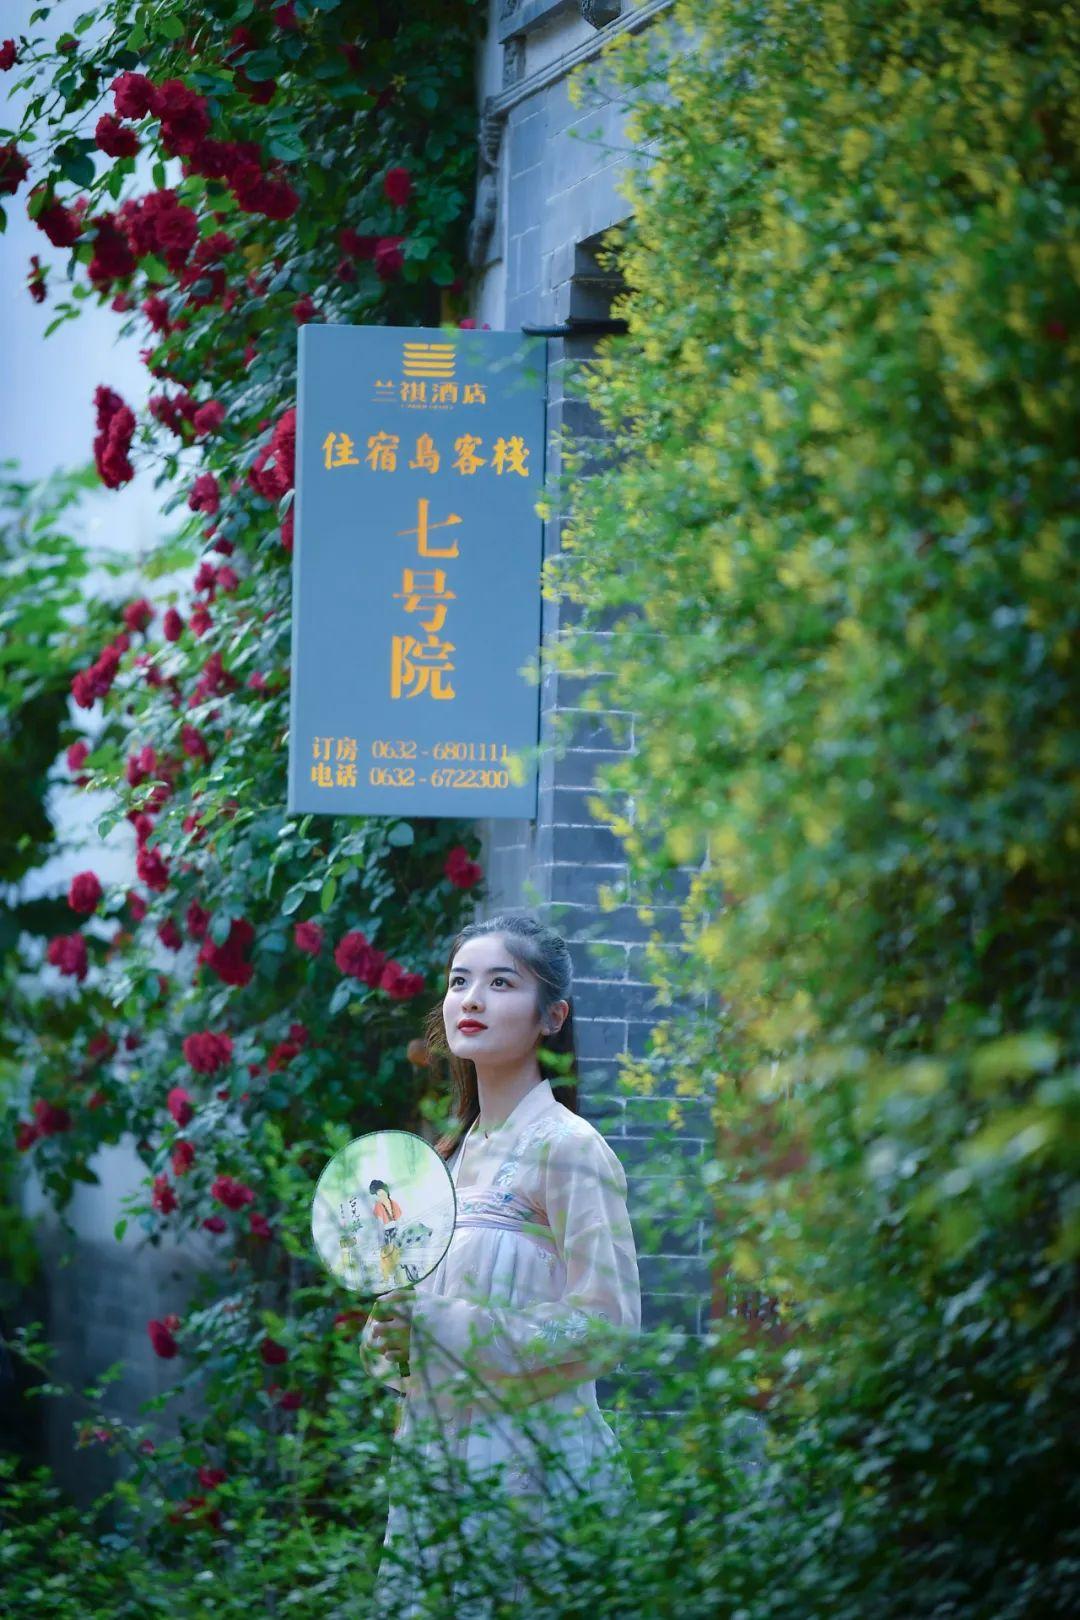 初夏五月,蔷薇花开,你要的浪漫与美丽,都藏在台儿庄古城里!